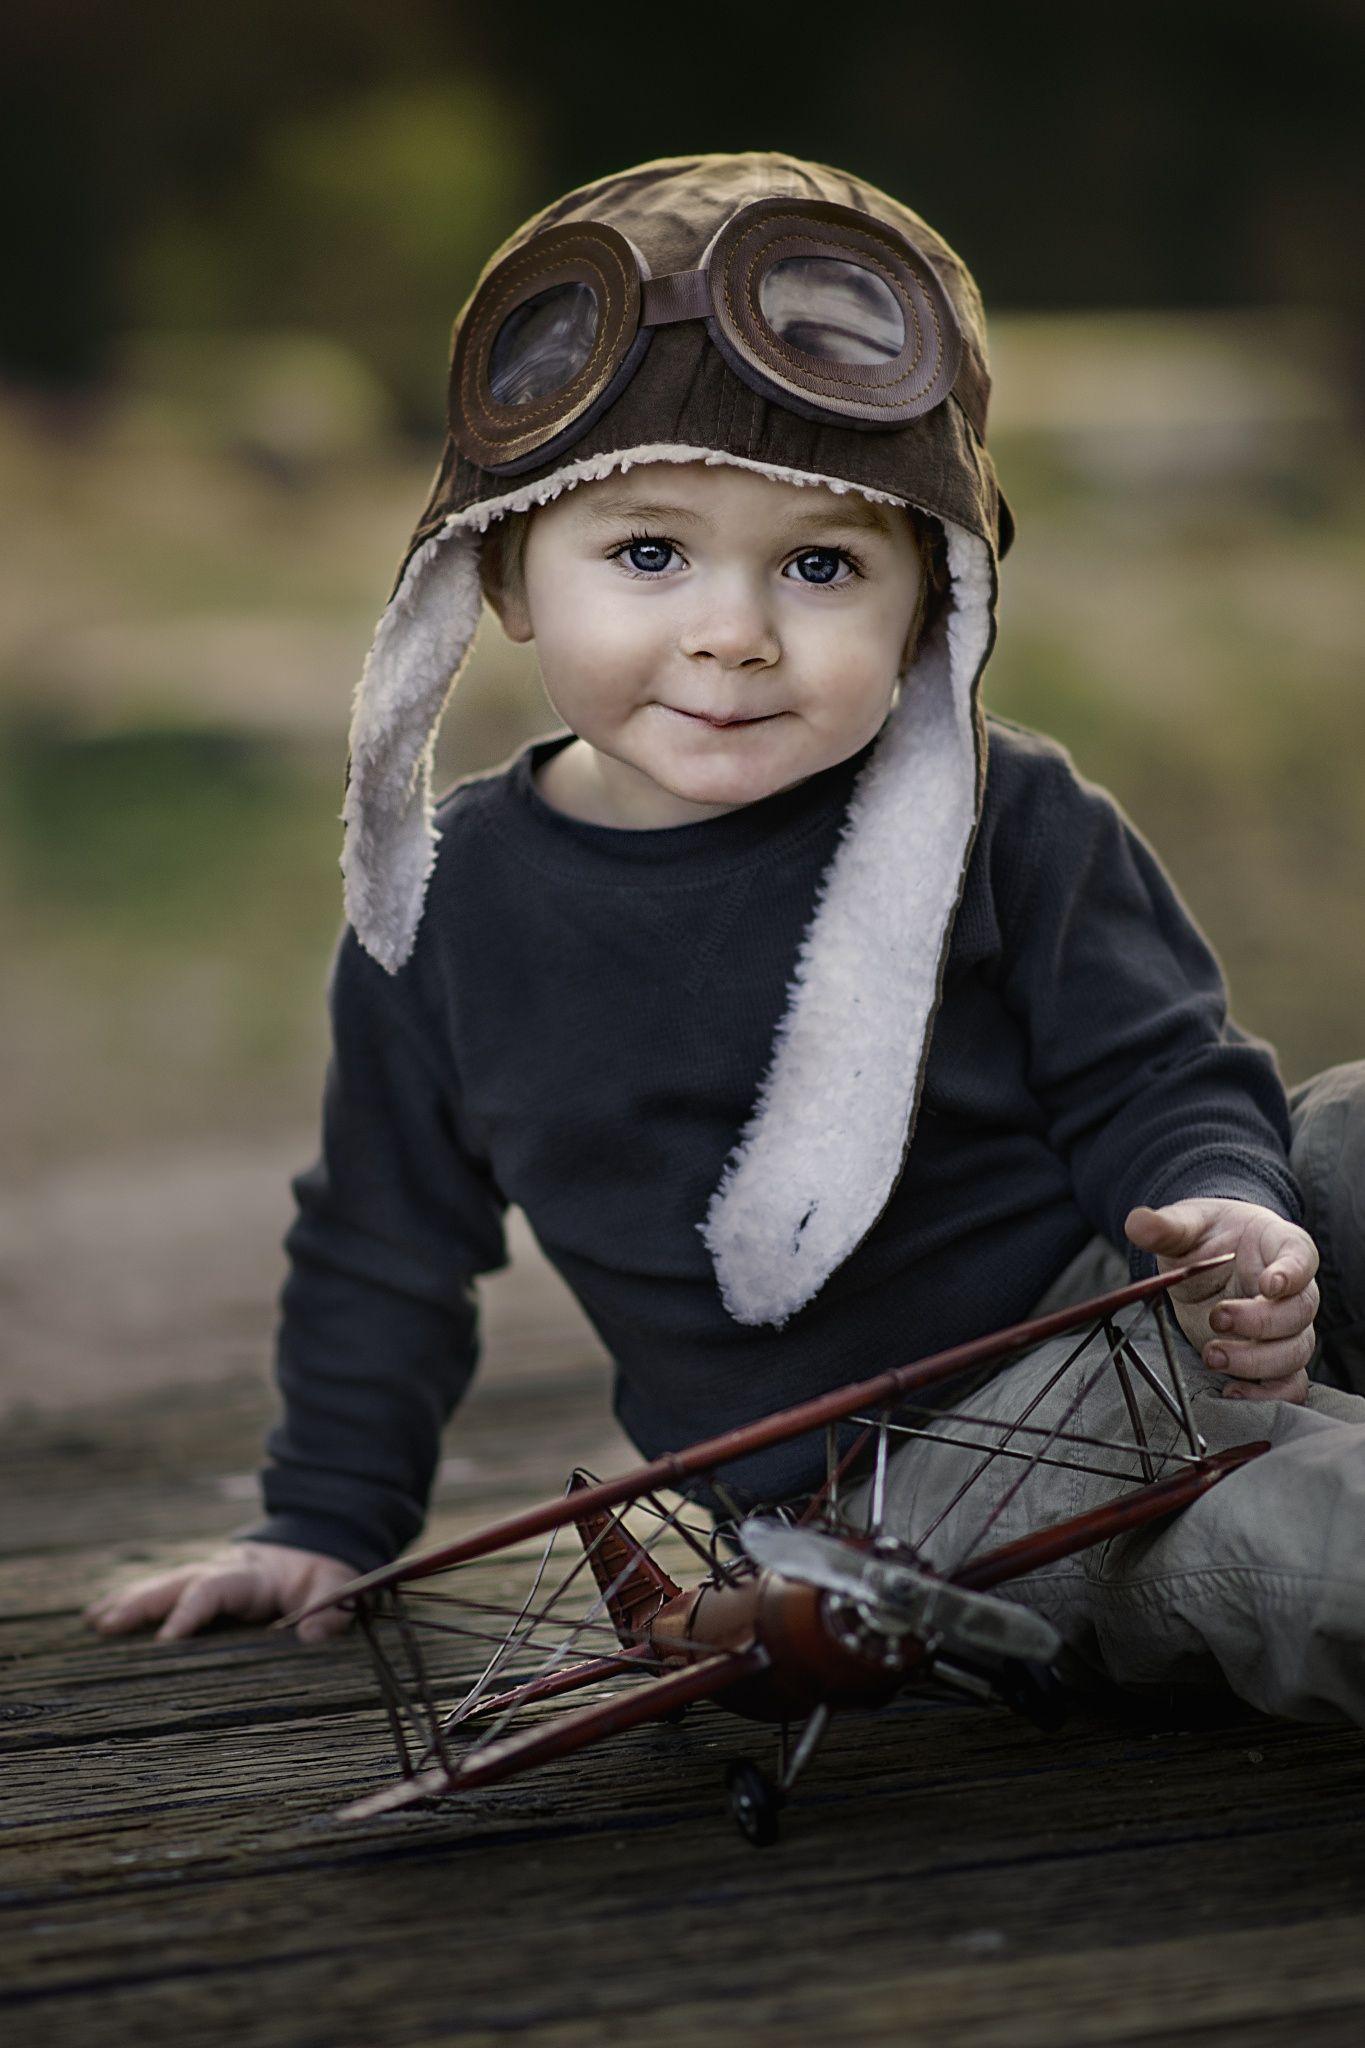 Фото самых красивых детей мира с очками 38